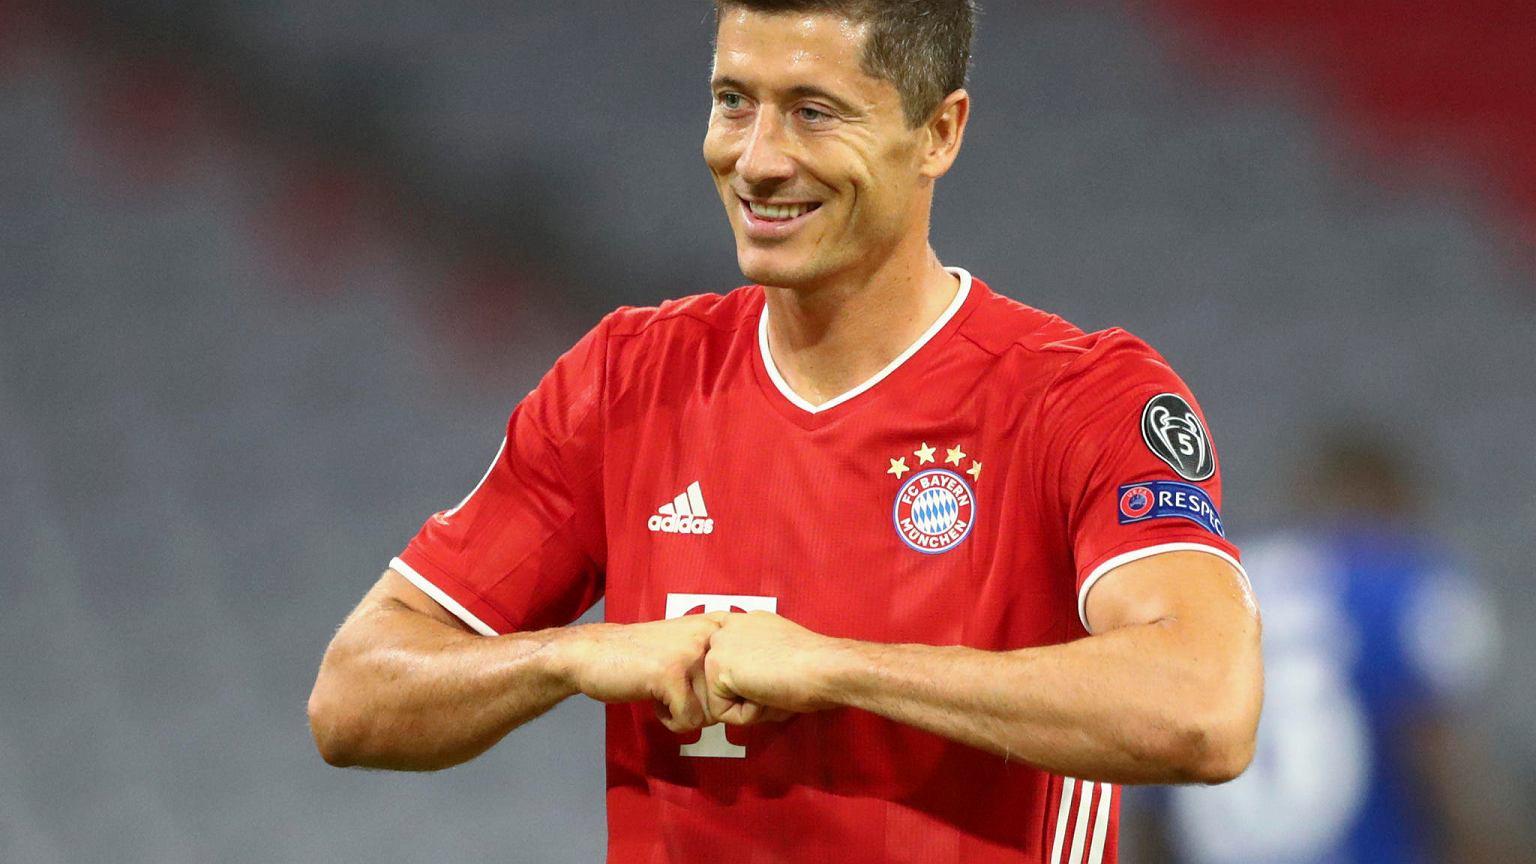 Robert Lewandowski skomentował zwycięstwo Bayernu. Dodał wpis na Instagramie Piłka nożna - Sport.pl